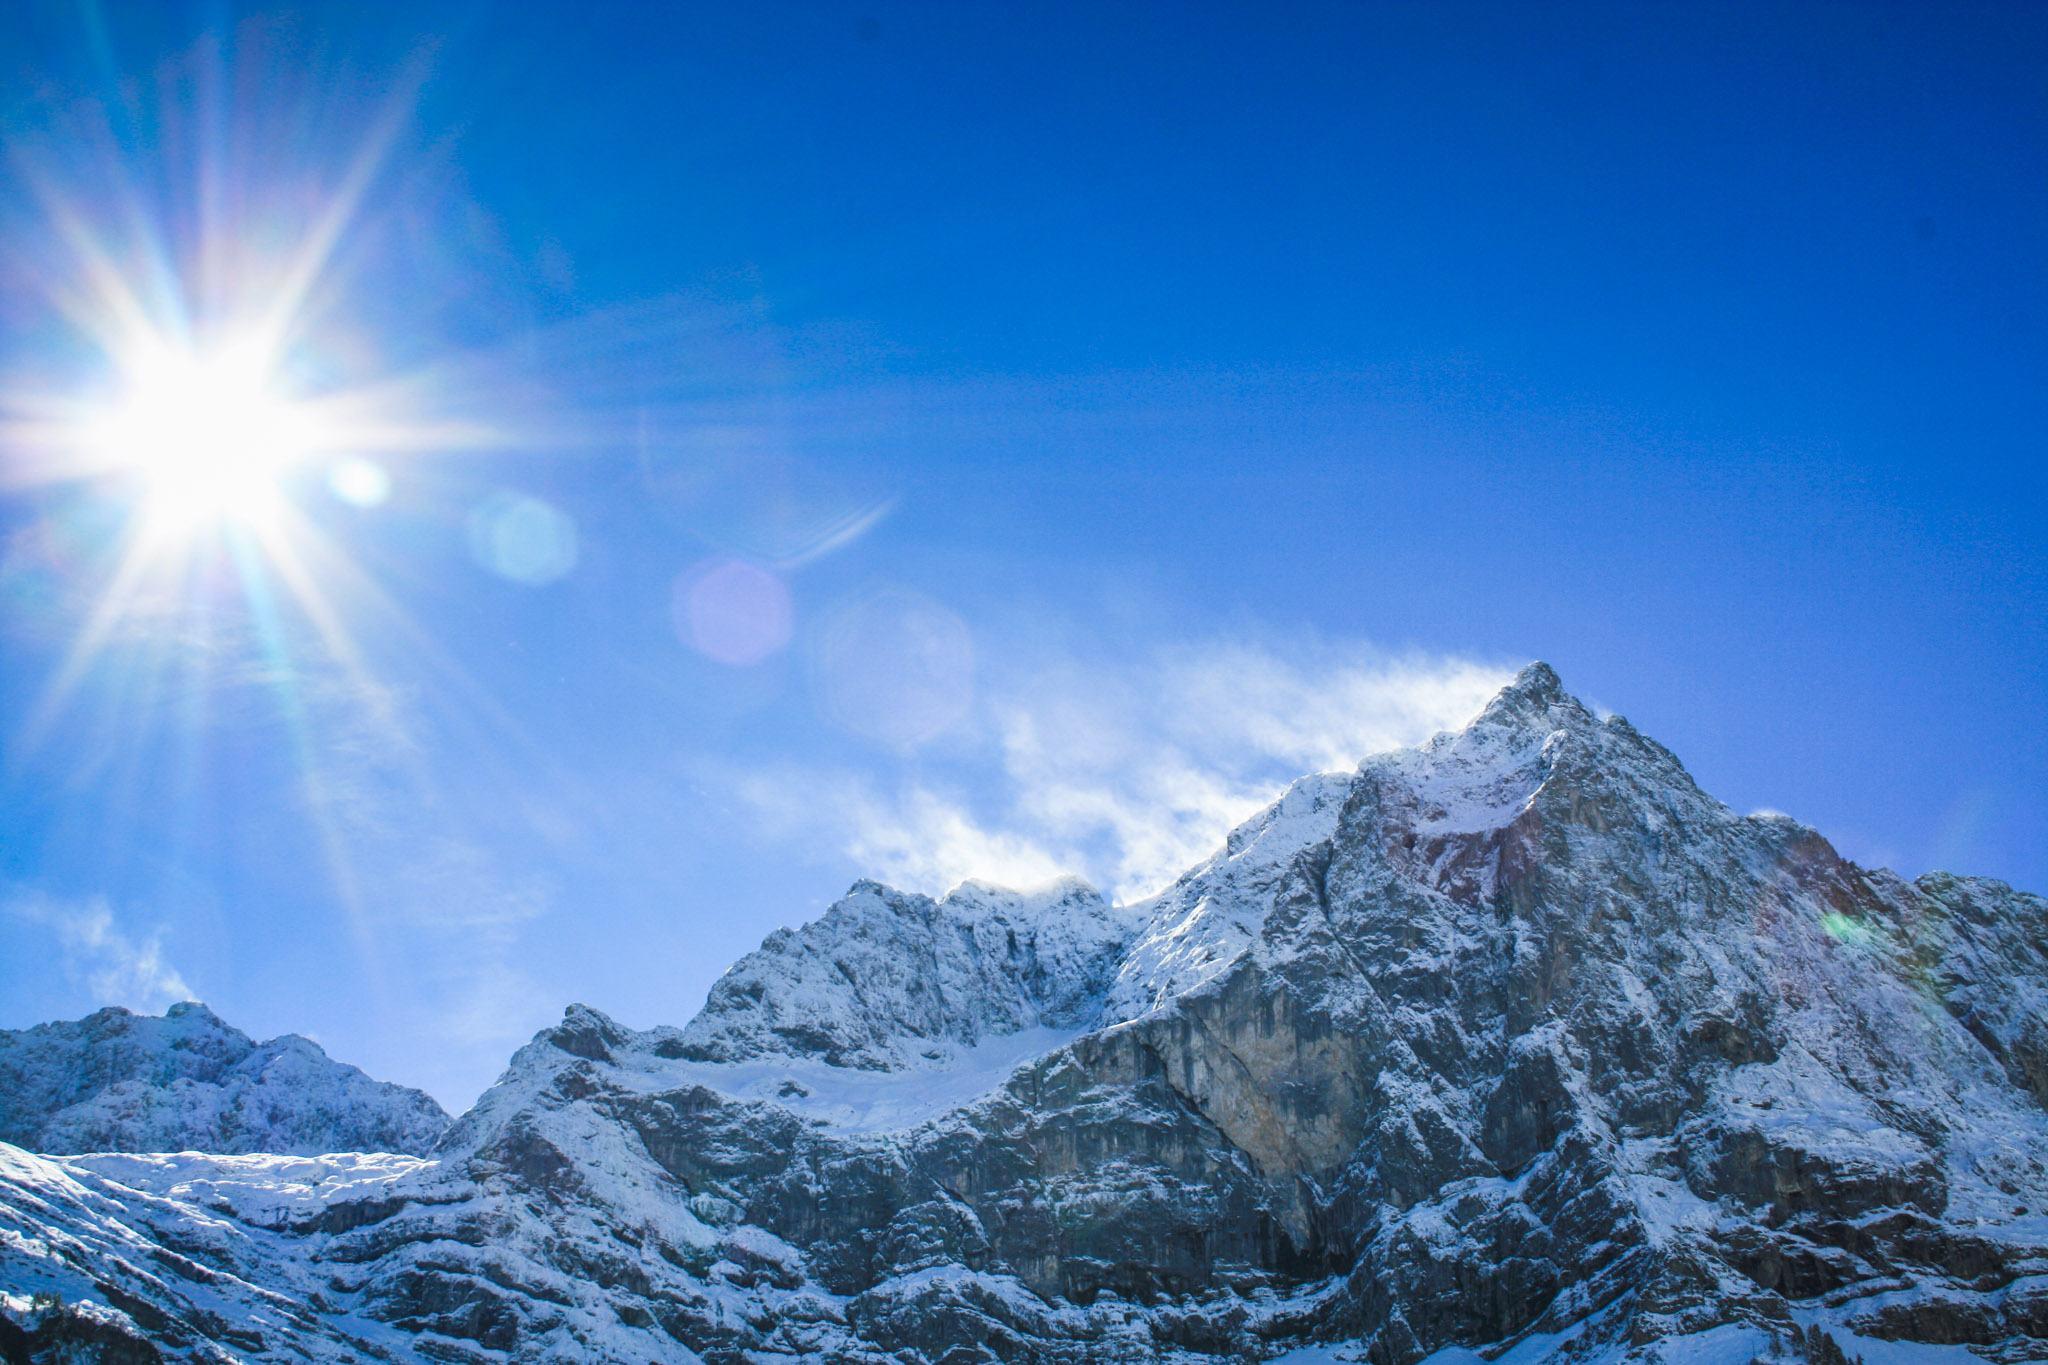 Die Herbstsonne lässt den Schnee auf den Bergen schmelzen